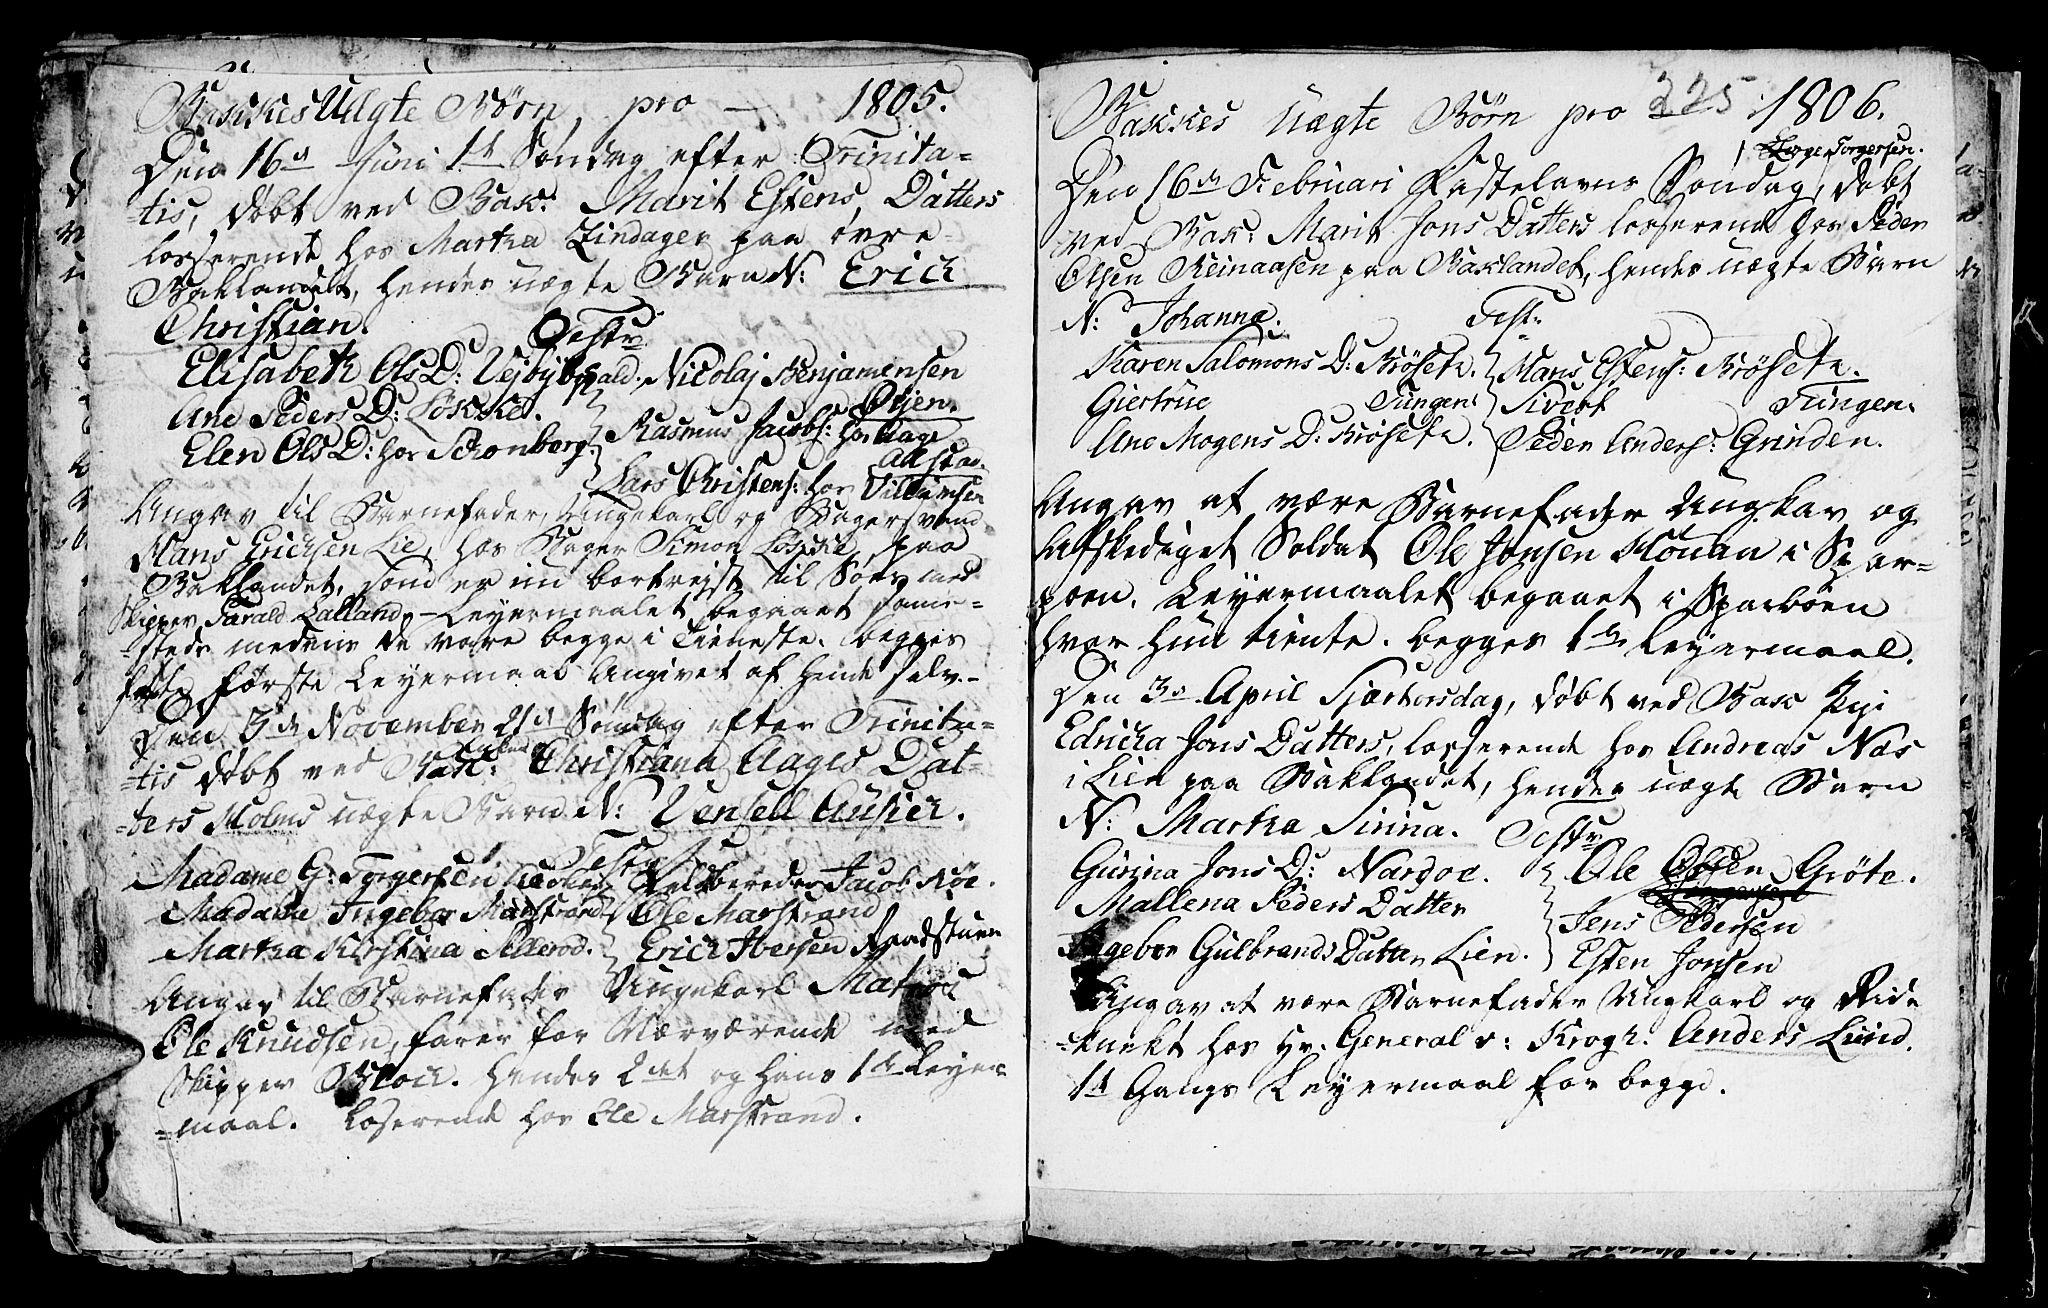 SAT, Ministerialprotokoller, klokkerbøker og fødselsregistre - Sør-Trøndelag, 604/L0218: Klokkerbok nr. 604C01, 1754-1819, s. 225